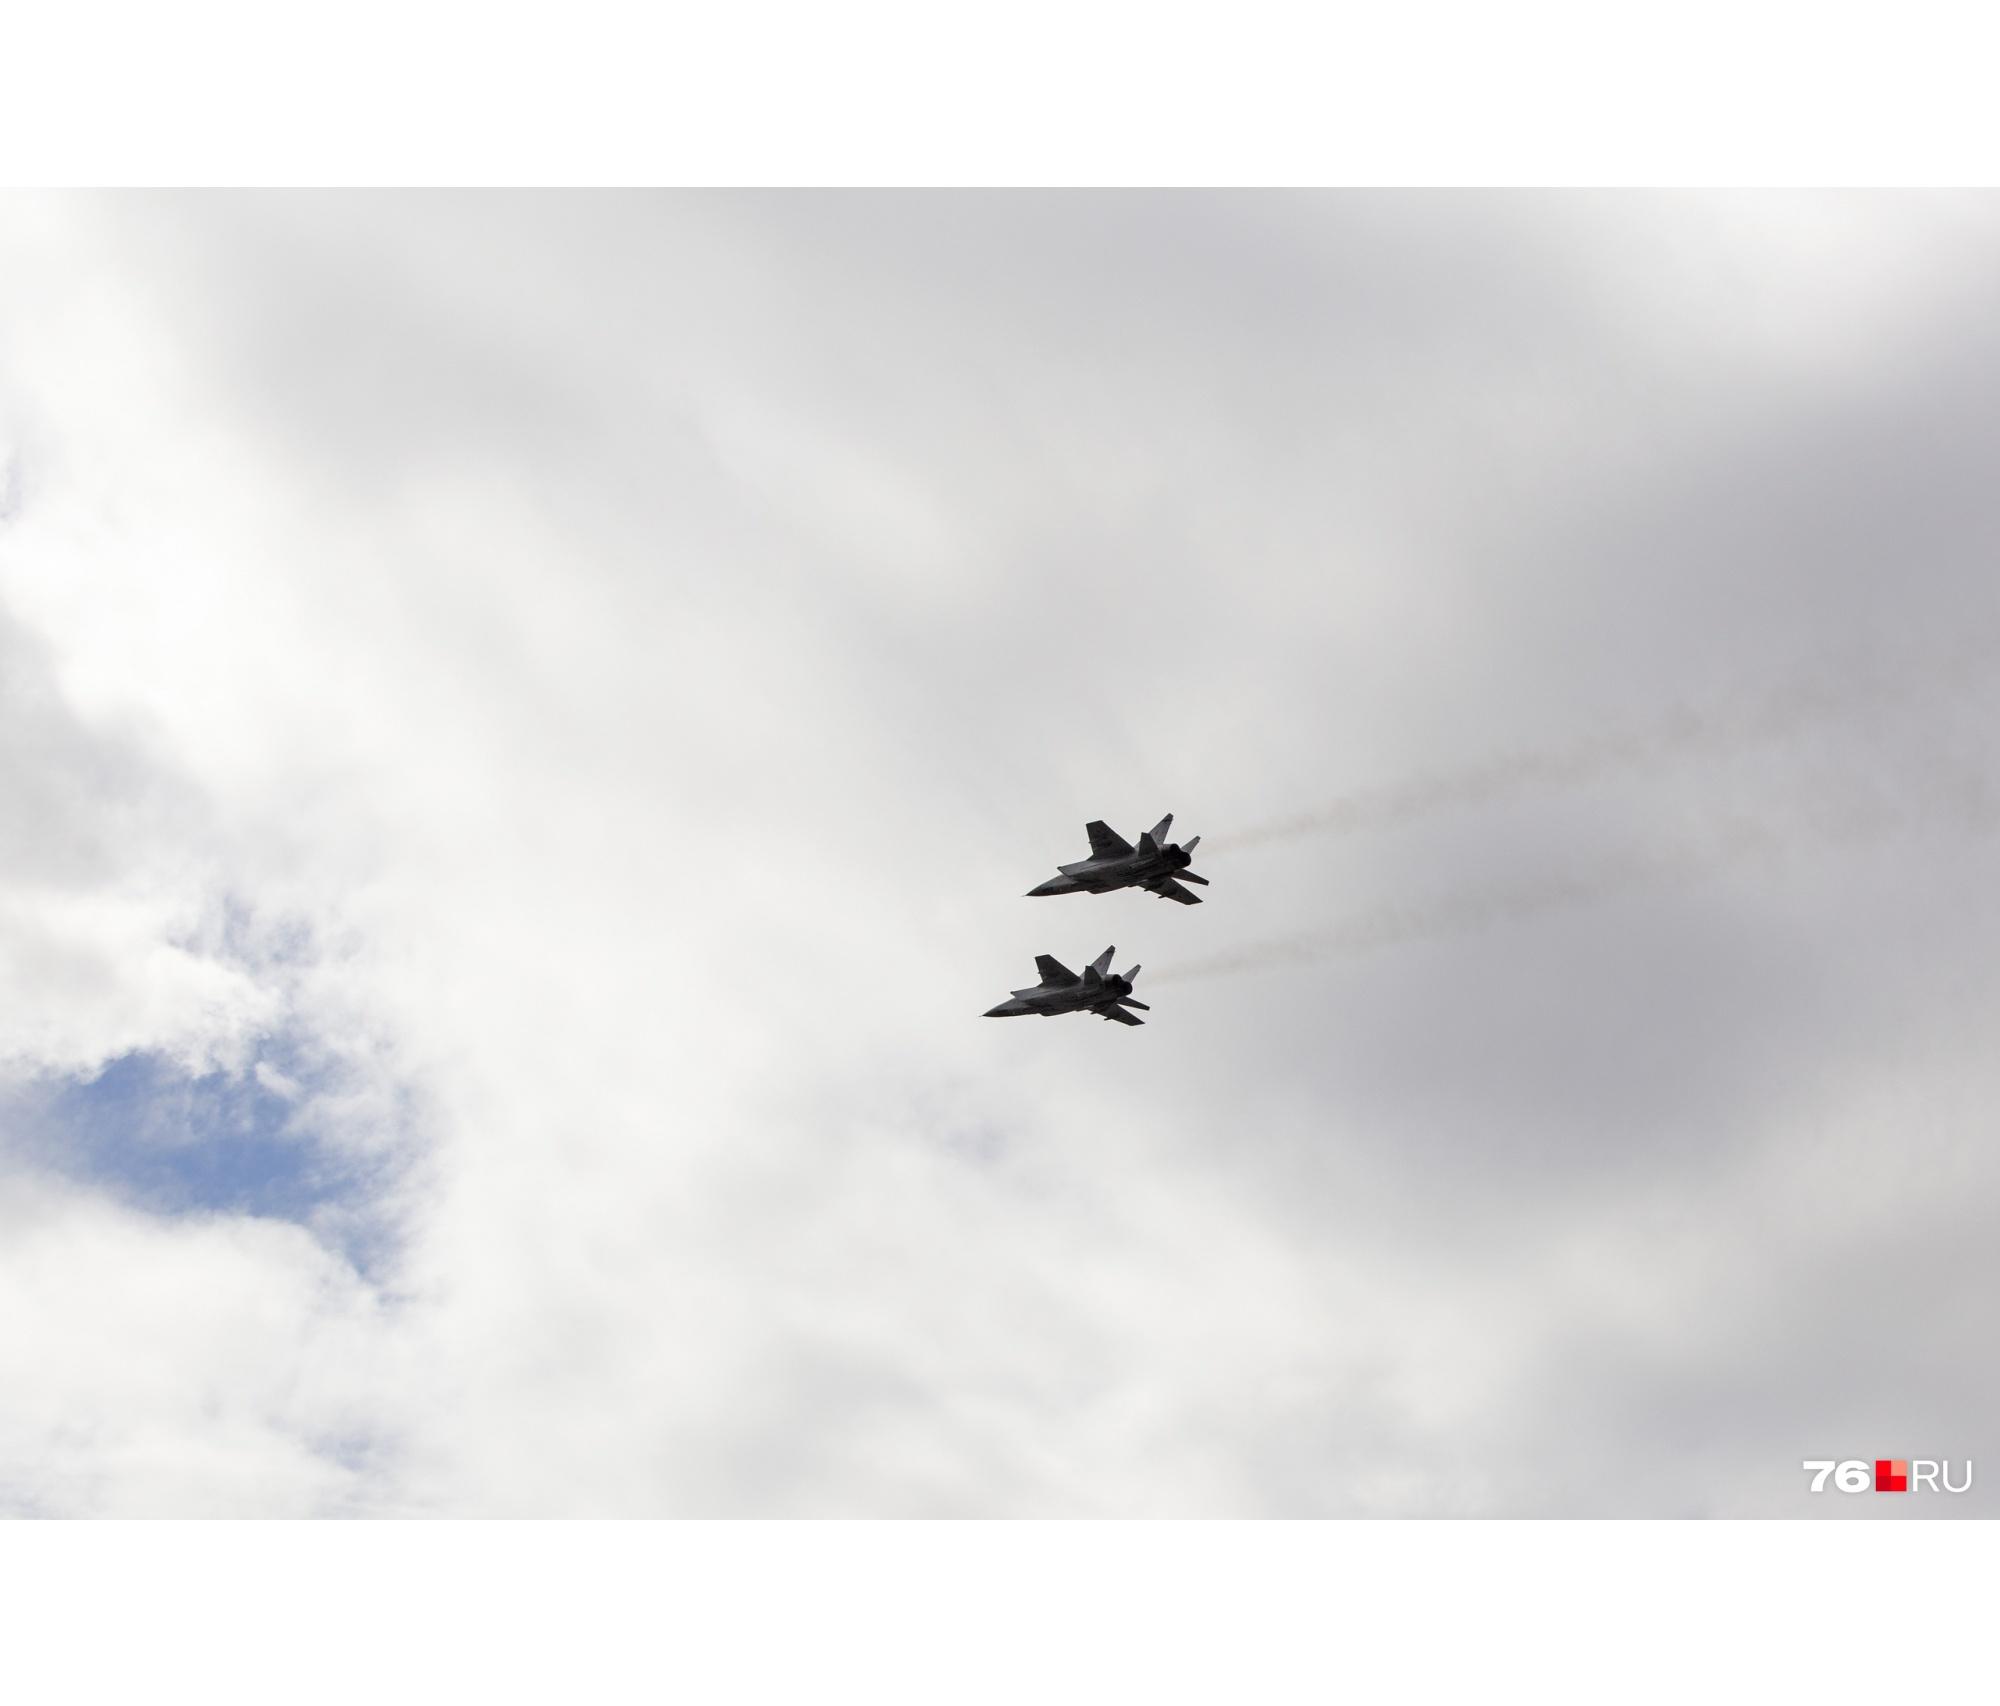 Самолеты оставляли в небе след